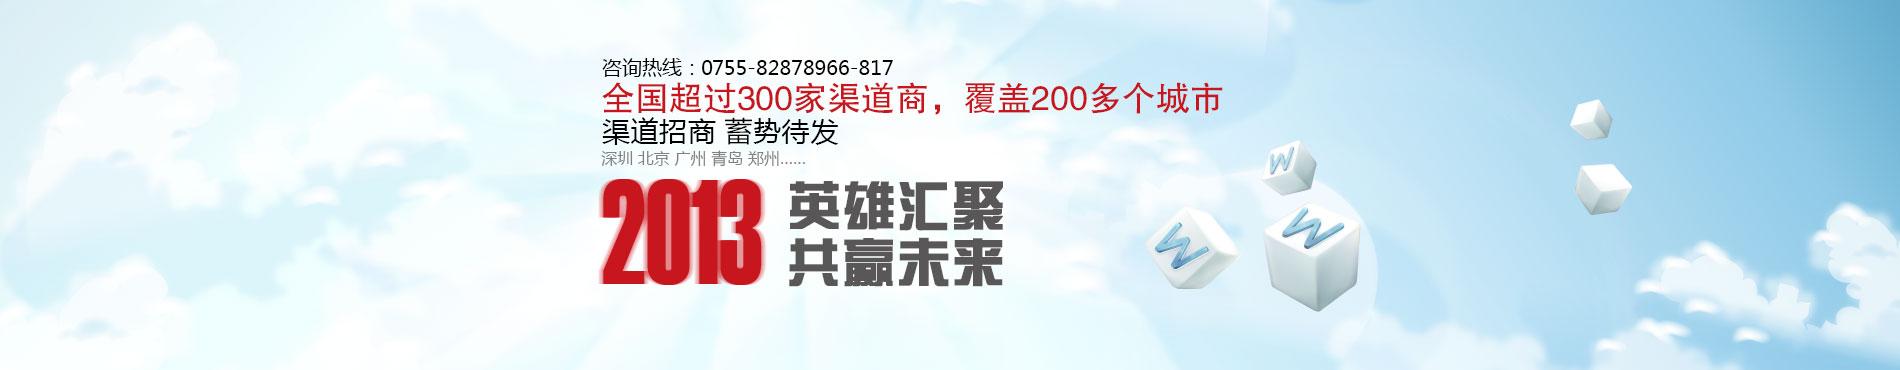 网络广告banner